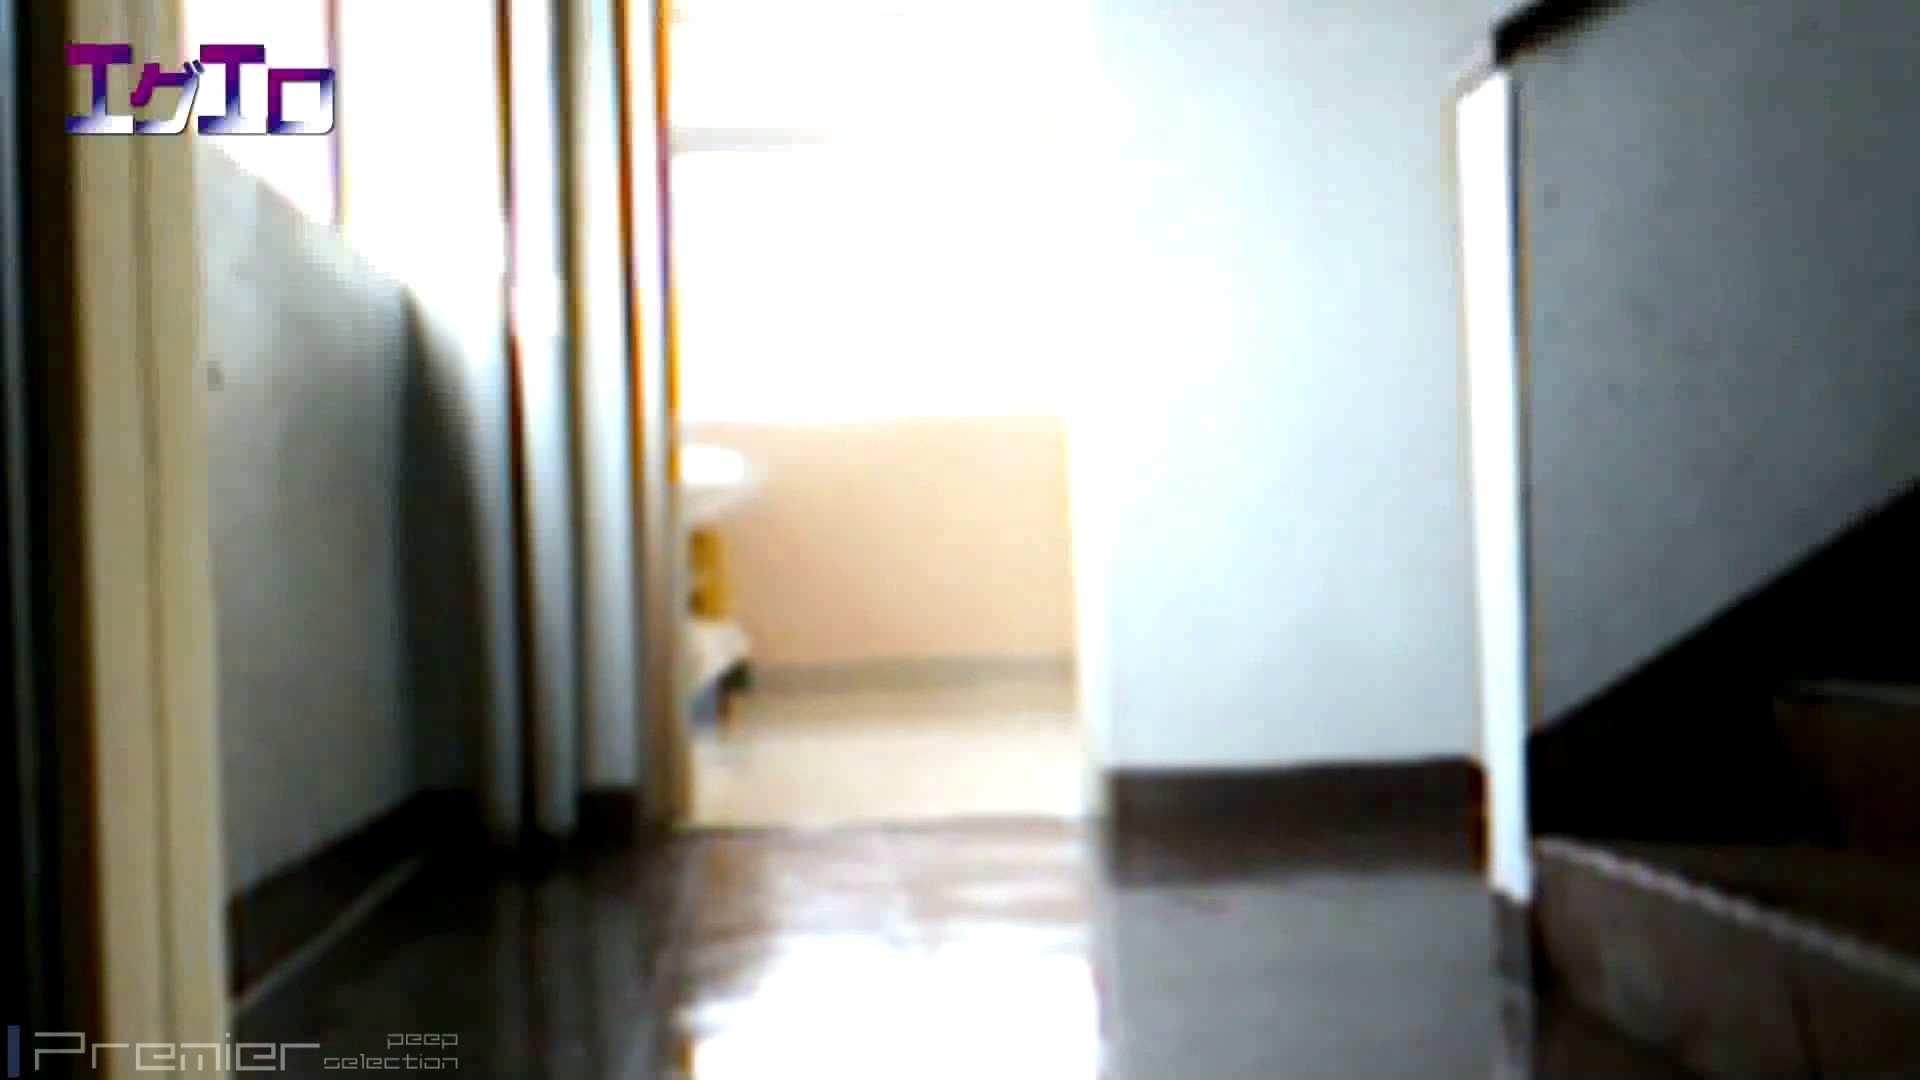 至近距離洗面所 Vol.10ブルージーンズギャルの大放nyo ギャルハメ撮り  20Pix 18